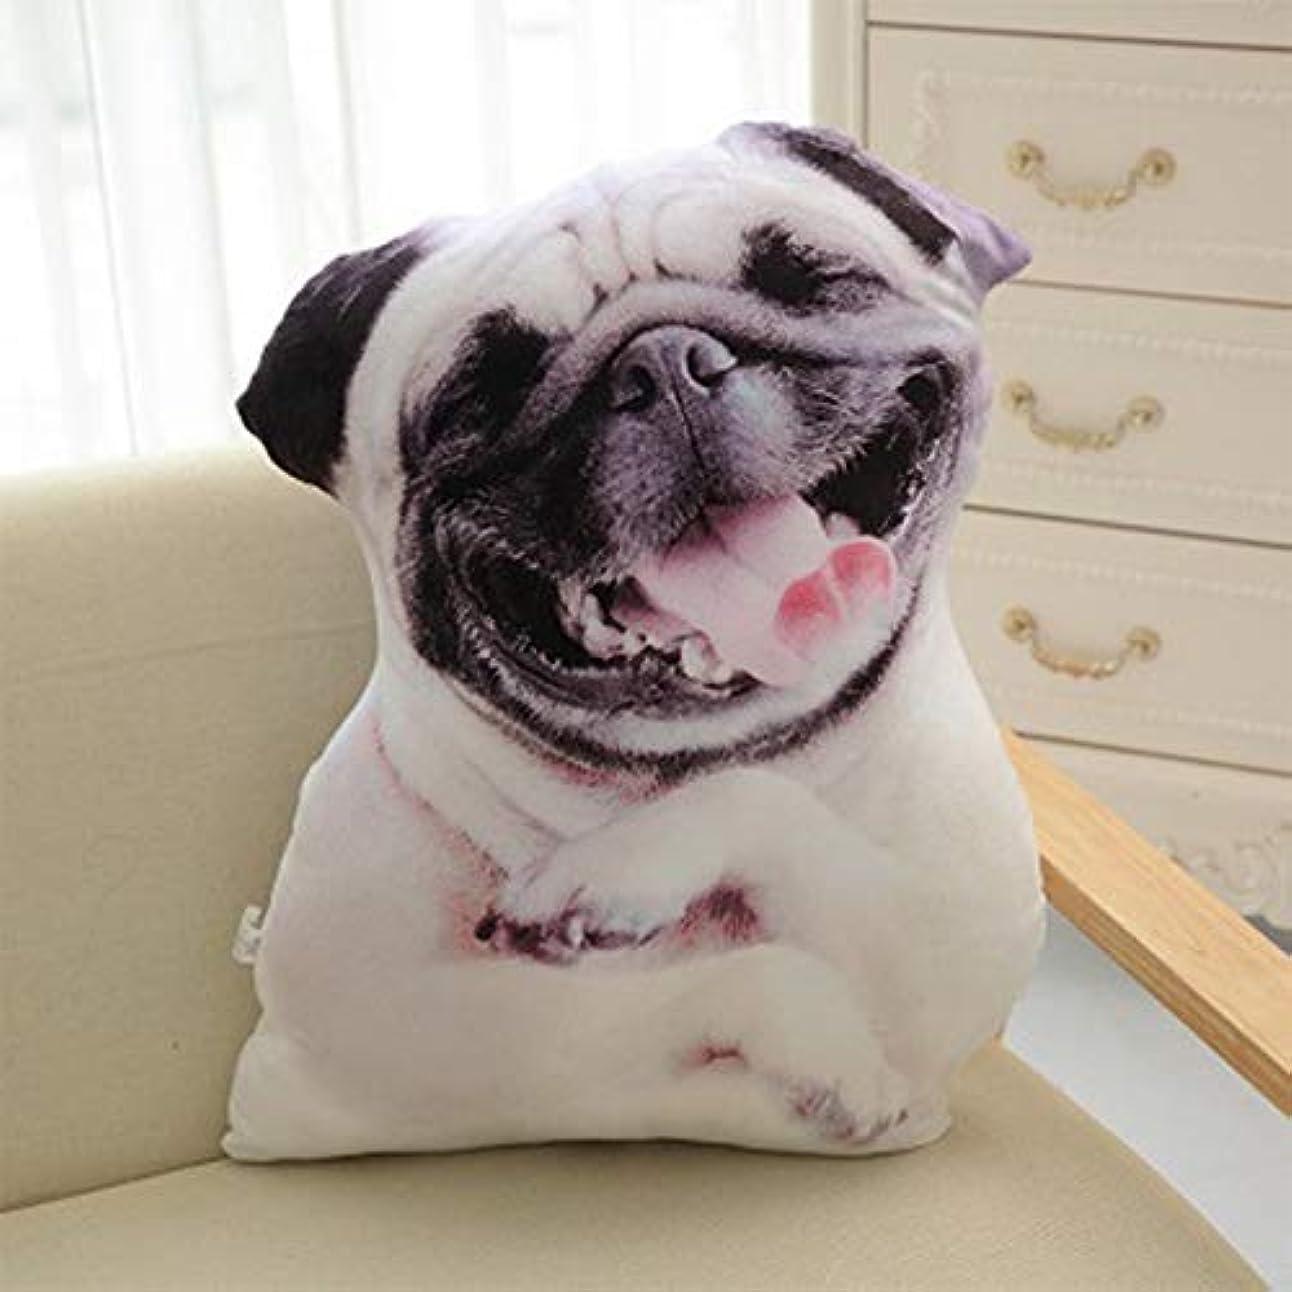 違法ブルーベル装置LIFE 3D プリントシミュレーション犬ぬいぐるみクッションぬいぐるみ犬ぬいぐるみ枕ぬいぐるみの漫画クッションキッズ人形ベストギフト クッション 椅子